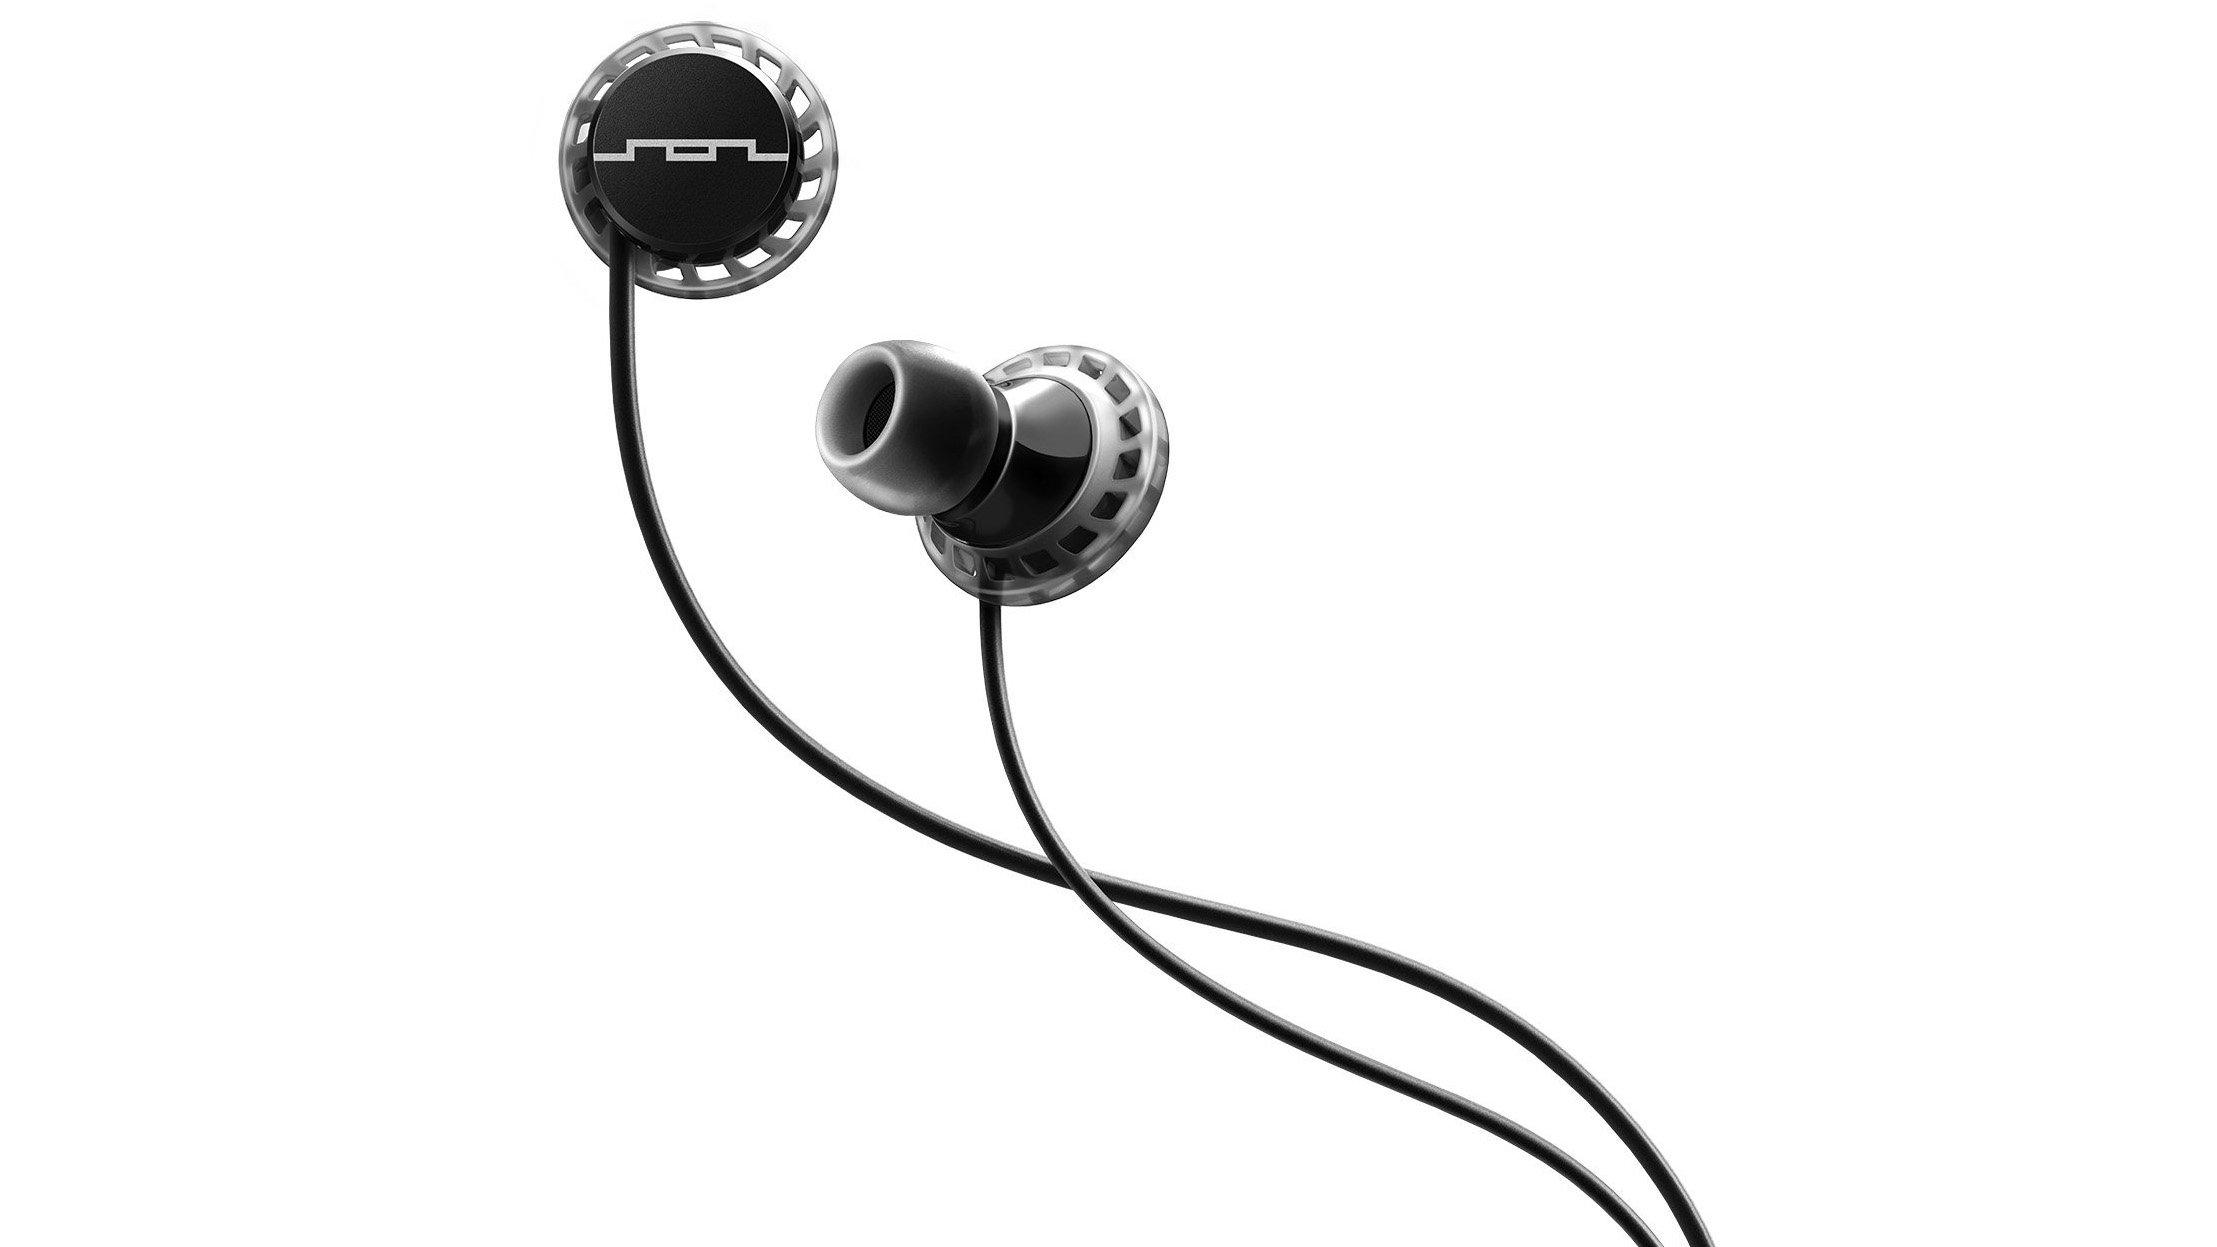 Wireless earbuds sport headphones - headphones earbuds cord